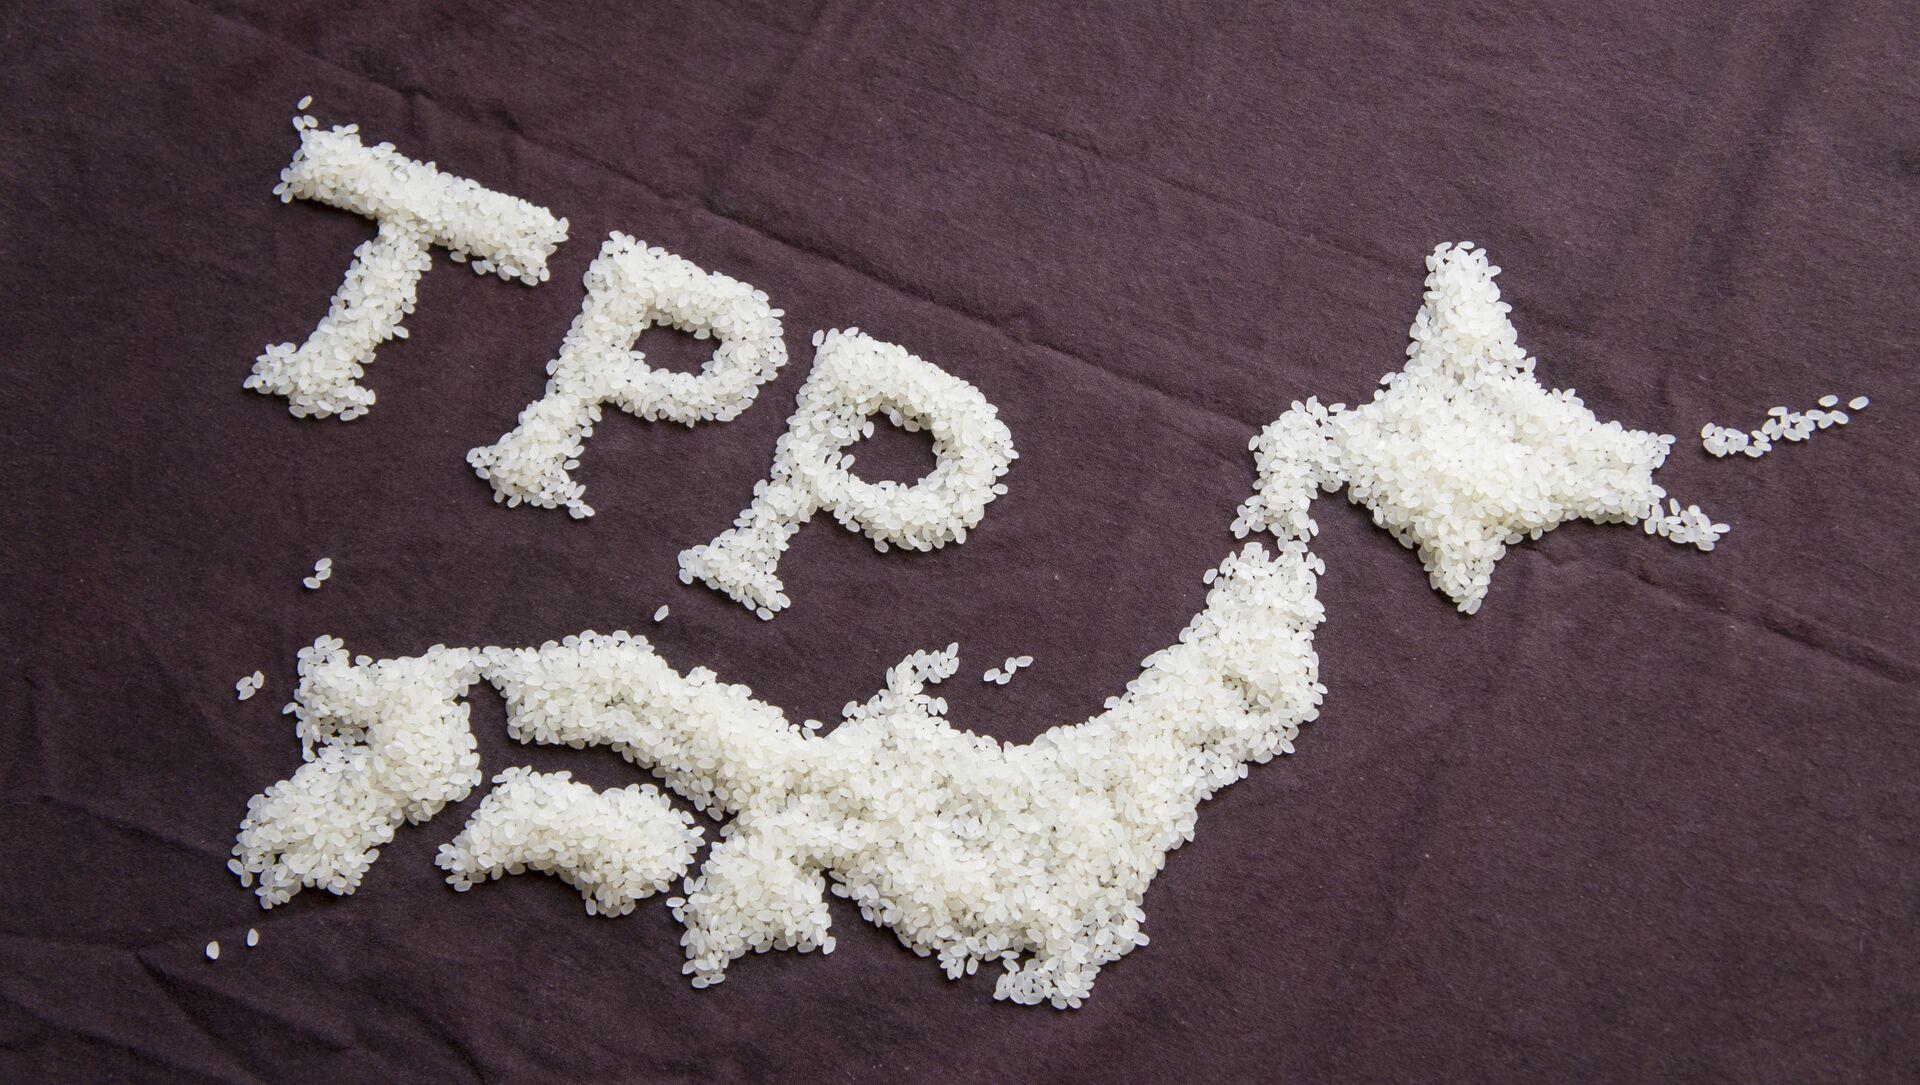 環太平洋連携協定(TPP) - Sputnik 日本, 1920, 24.09.2021